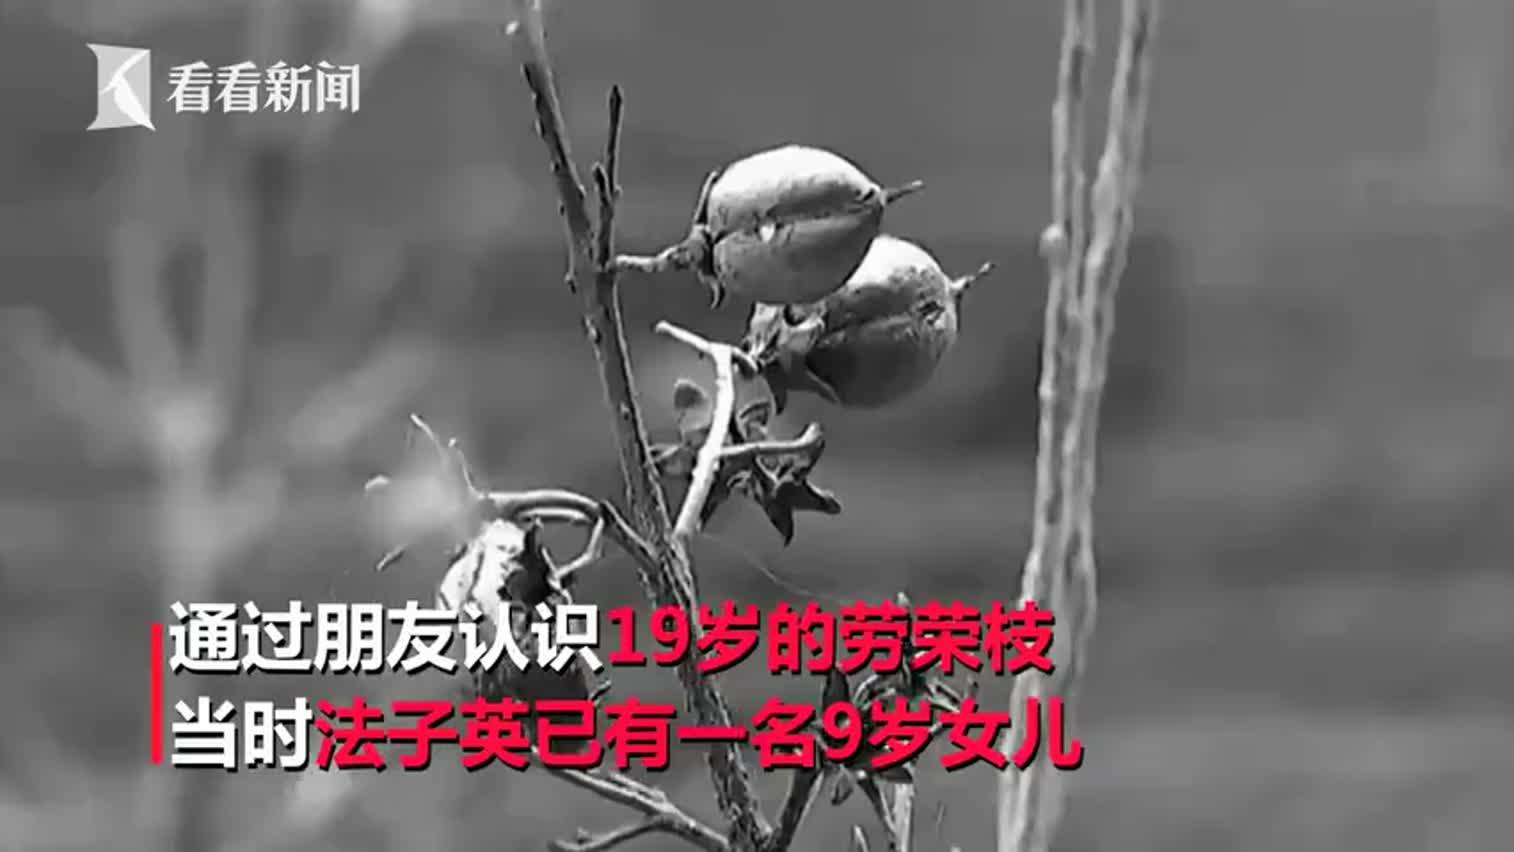 视频-律师回忆杀人恶魔法子英:他从不提家人 自认